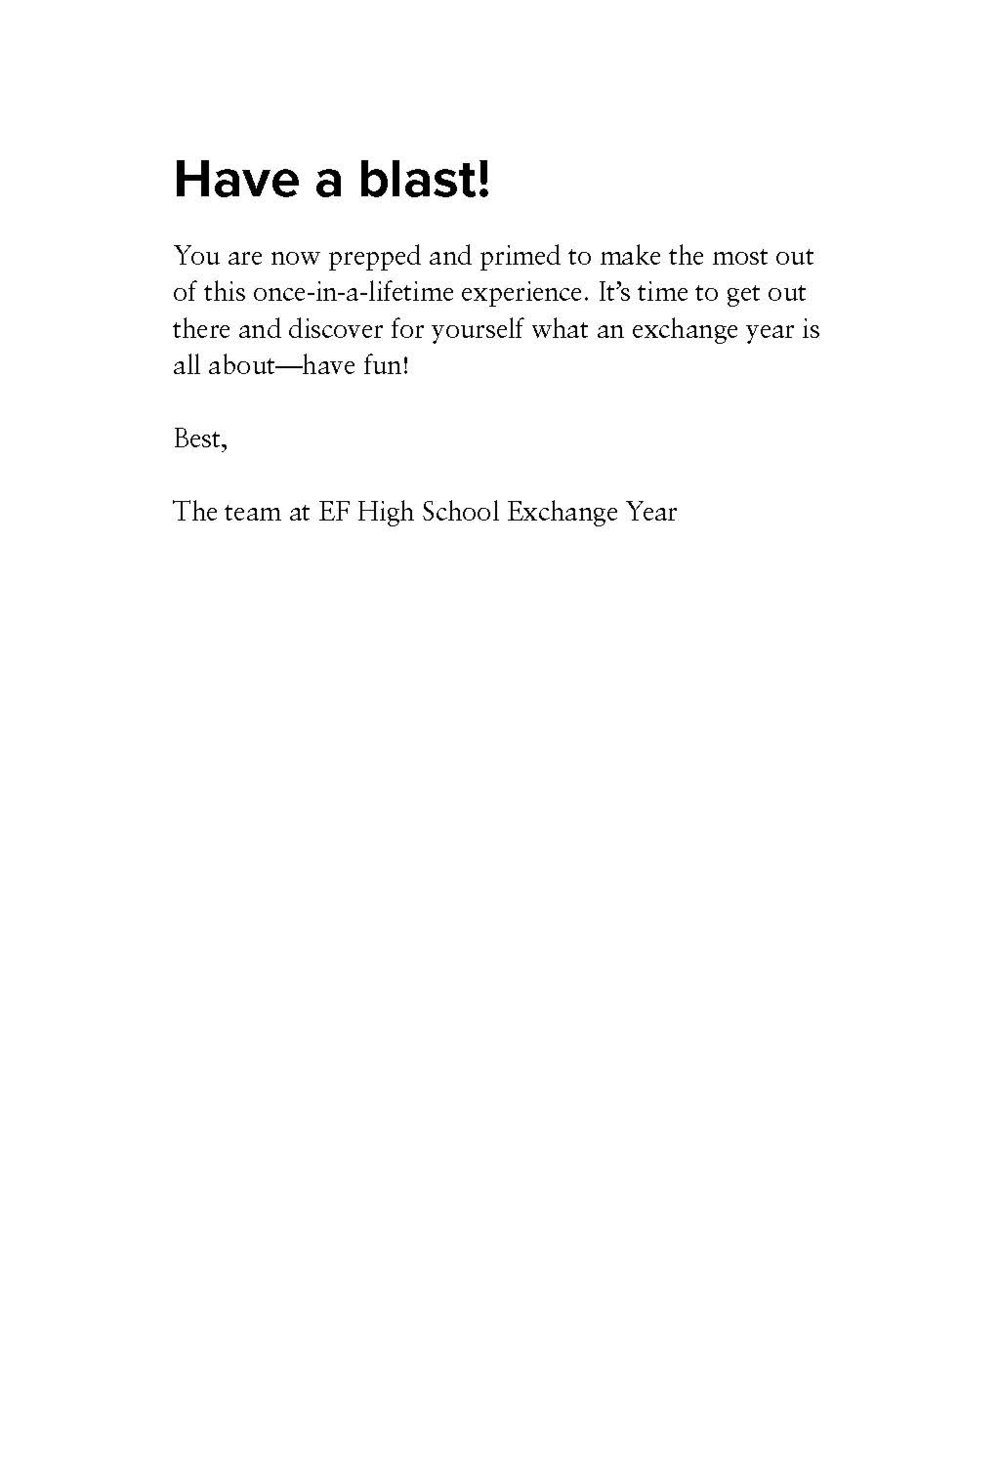 2018_Student_Guidebook_#3_US_Page_40.jpg